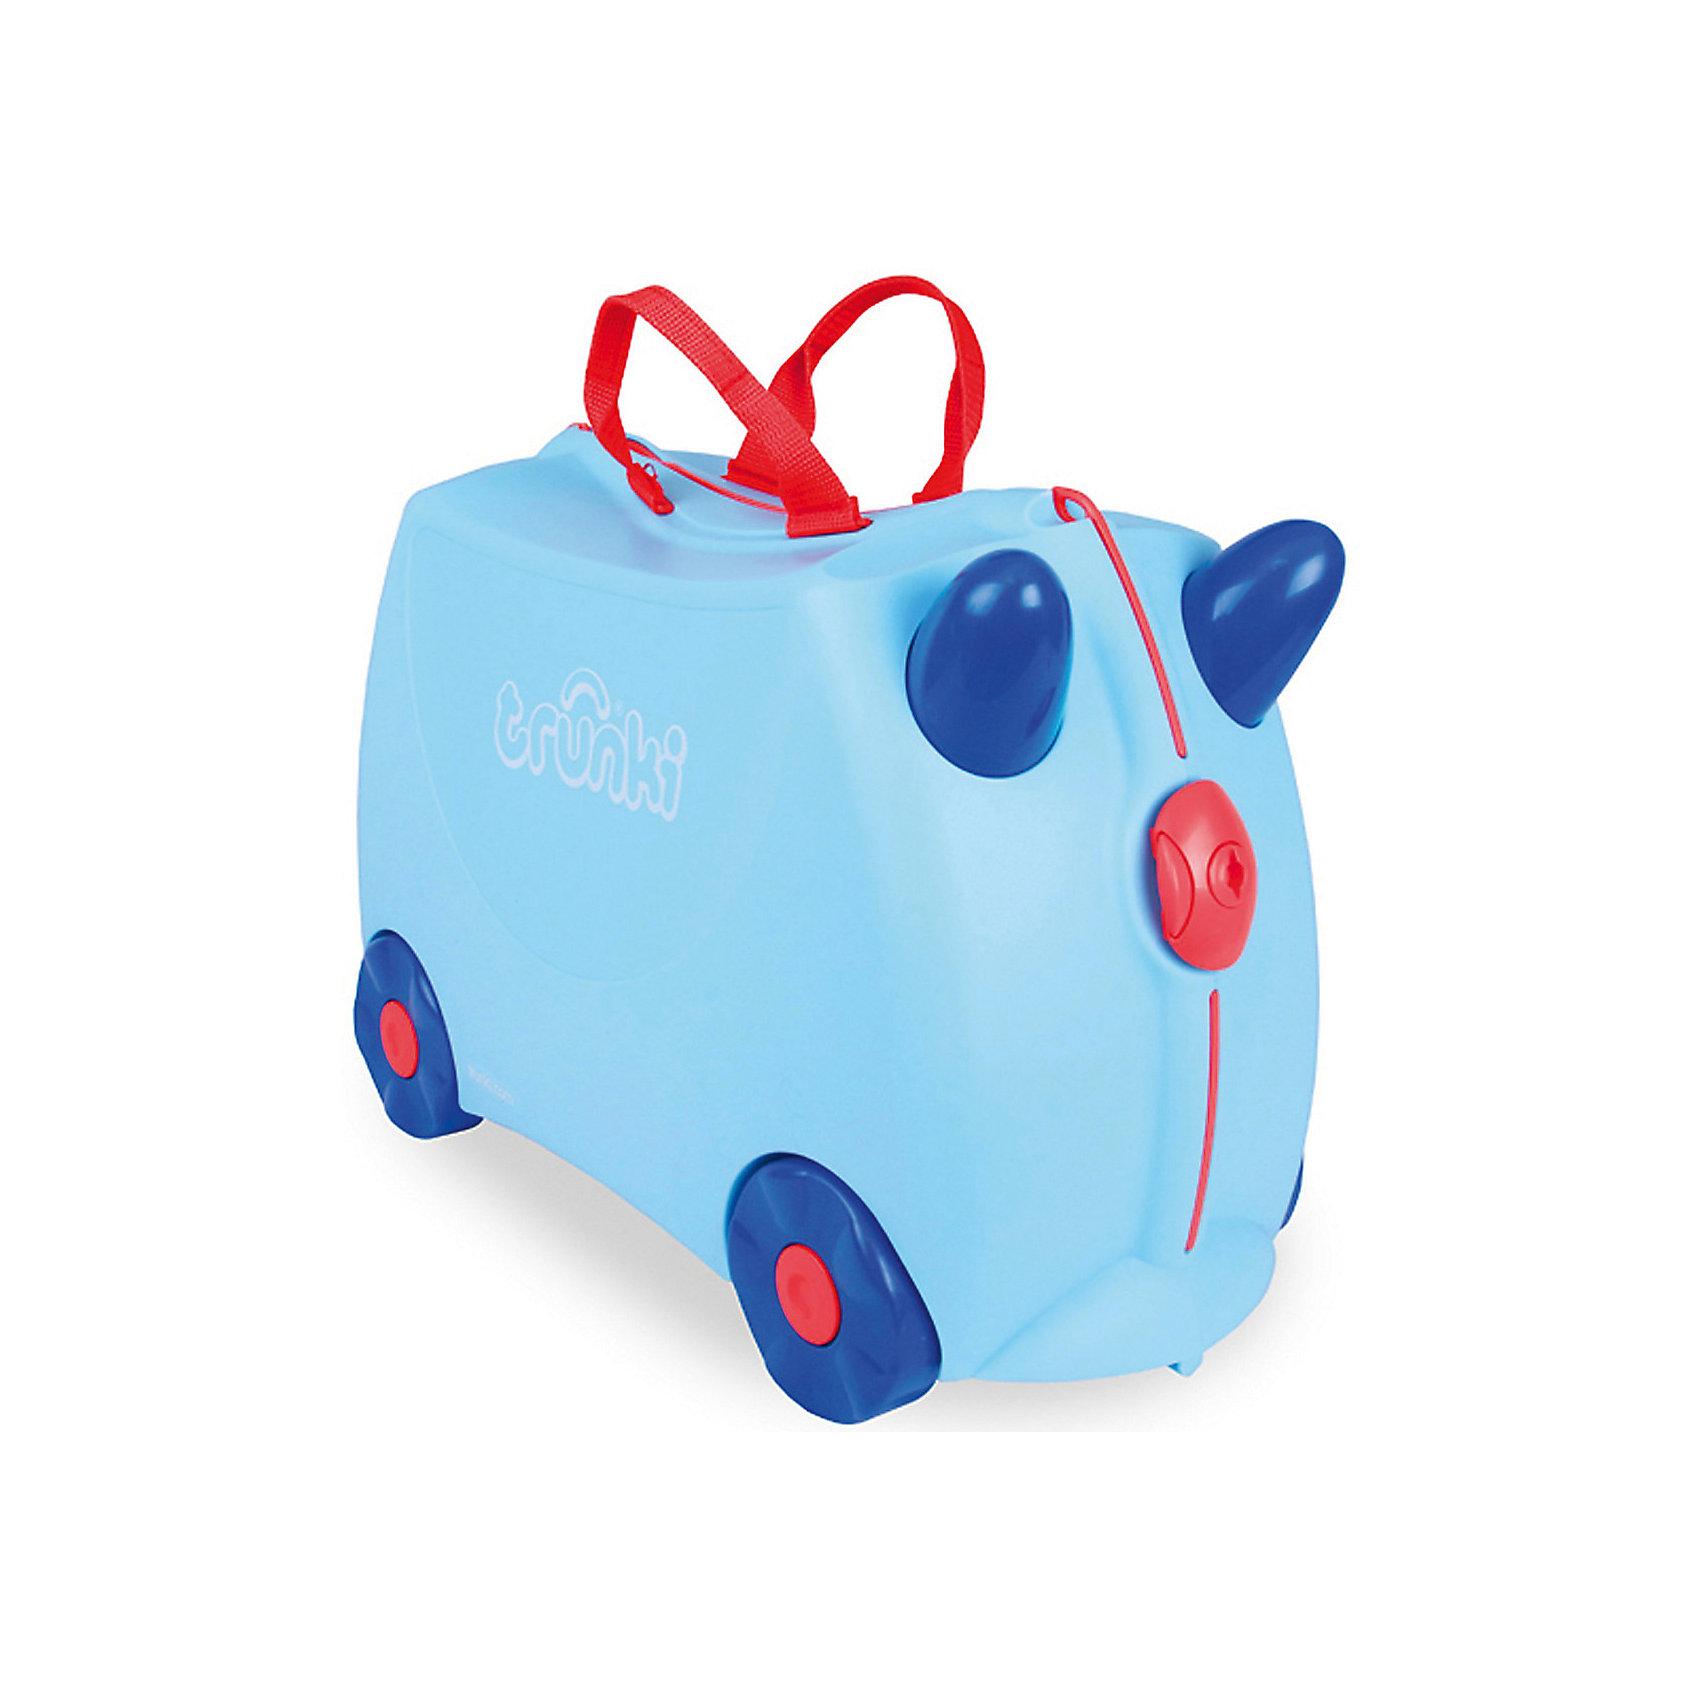 Чемодан на колесах ДжорждВместительный удобный чемодан Джордж - замечательный вариант для маленьких путешественников. Оригинальный чемодан выполнен из прочного пластика и имеет привлекательный дизайн с нежно-голубой расцветкой и забавными синими рожками. Размеры позволяют брать его в самолет как ручную кладь. Чемоданчик может использоваться как детский стульчик и как оригинальное средство передвижения. Благодаря надежным колесикам, удобной конструкции седла и стабилизаторам малыш ездит на чемодане как на каталке, отталкиваясь ножками и держась за рожки. <br><br>Чемодан оснащен удобными ручками для переноски и надежным замком с ключиком. С помощью ручного буксировочного ремня его можно везти по полу или нести на плече. Внутри одно просторное отделение для одежды и дорожных принадлежностей с ремнями для фиксации одежды, а также потайные секретные отсеки для мелочей. Все детали выполнены из экологически чистых, безопасных для детского здоровья материалов. Собственный чемодан для путешествий позволит ребенку почувствовать себя взрослым и самостоятельным.<br><br>Дополнительная информация:<br><br>- Материал: высококачественный пластик.<br>- Объем: 18 л.<br>- Максимальная нагрузка: 45 кг.<br>- Размер чемодана: 46 х 20,5 х 31 см.<br>- Вес: 1,7 кг.<br><br>Чемодан на колесиках Джордж, Trunki, можно купить в нашем интернет-магазине.<br><br>Ширина мм: 470<br>Глубина мм: 330<br>Высота мм: 230<br>Вес г: 1900<br>Возраст от месяцев: 36<br>Возраст до месяцев: 72<br>Пол: Женский<br>Возраст: Детский<br>SKU: 3711107